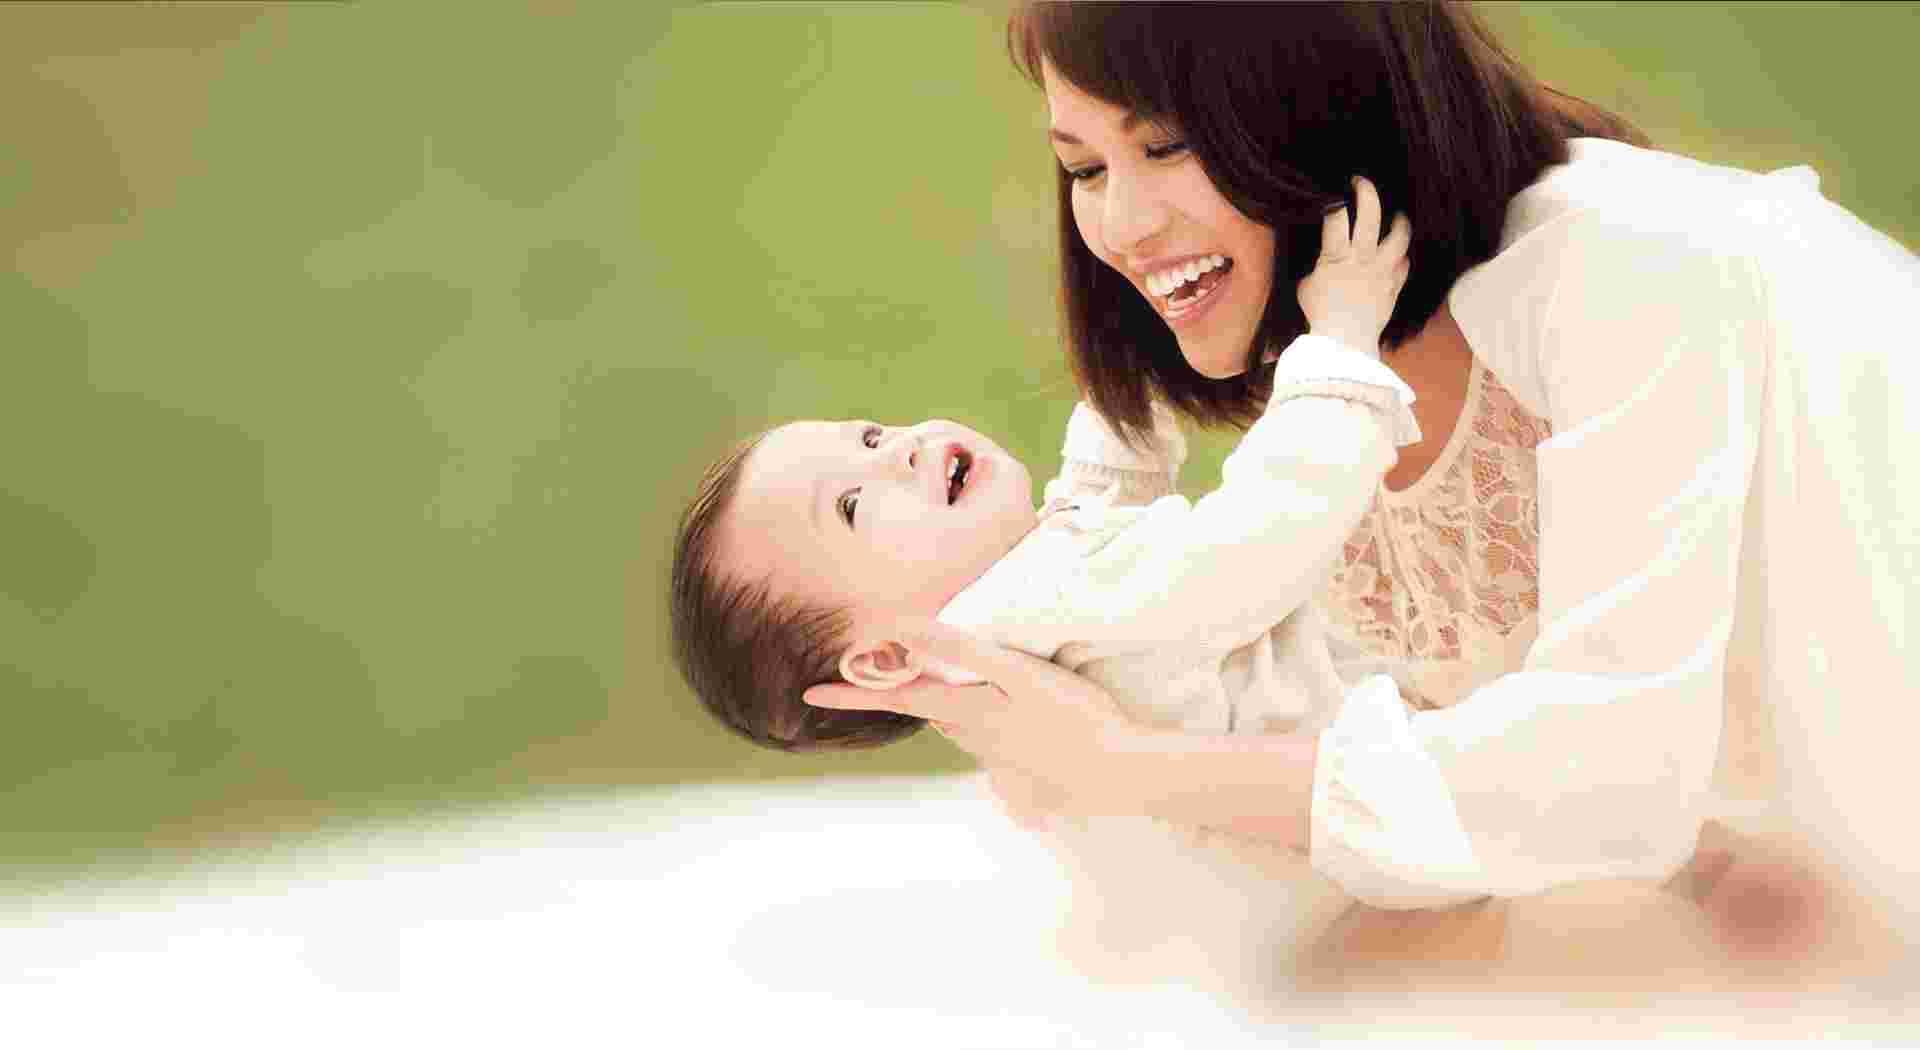 高端配方奶粉品牌,圣元更懂得中国宝宝的营养需求